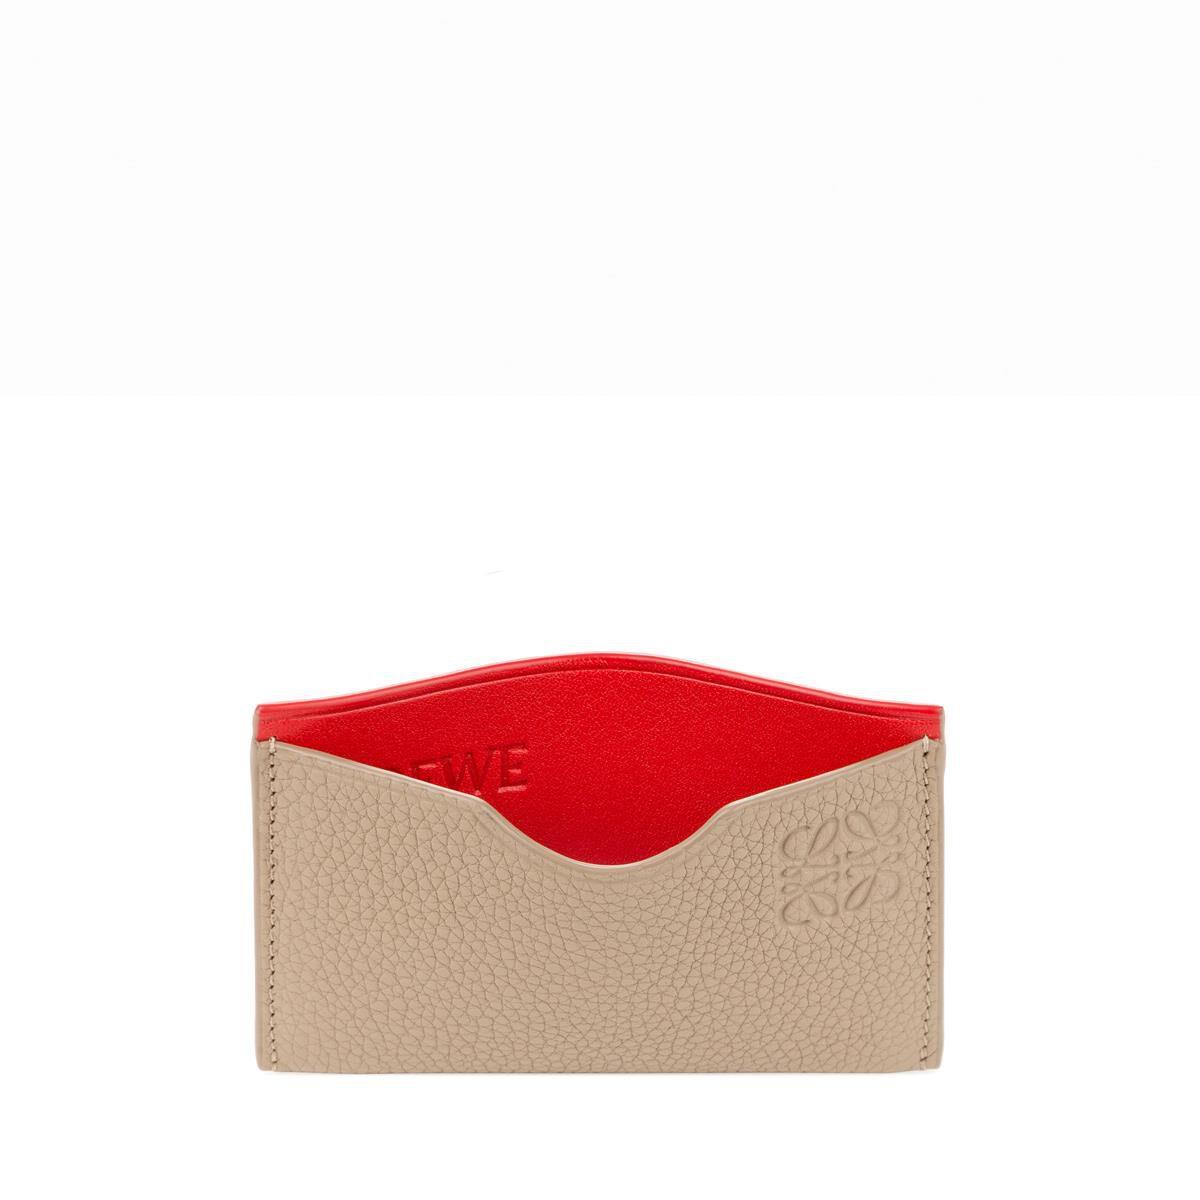 Simple, Titulaire De La Carte Dans Le Sable Et Veau Grainé Rouge Doux Et Loewe Box-calf